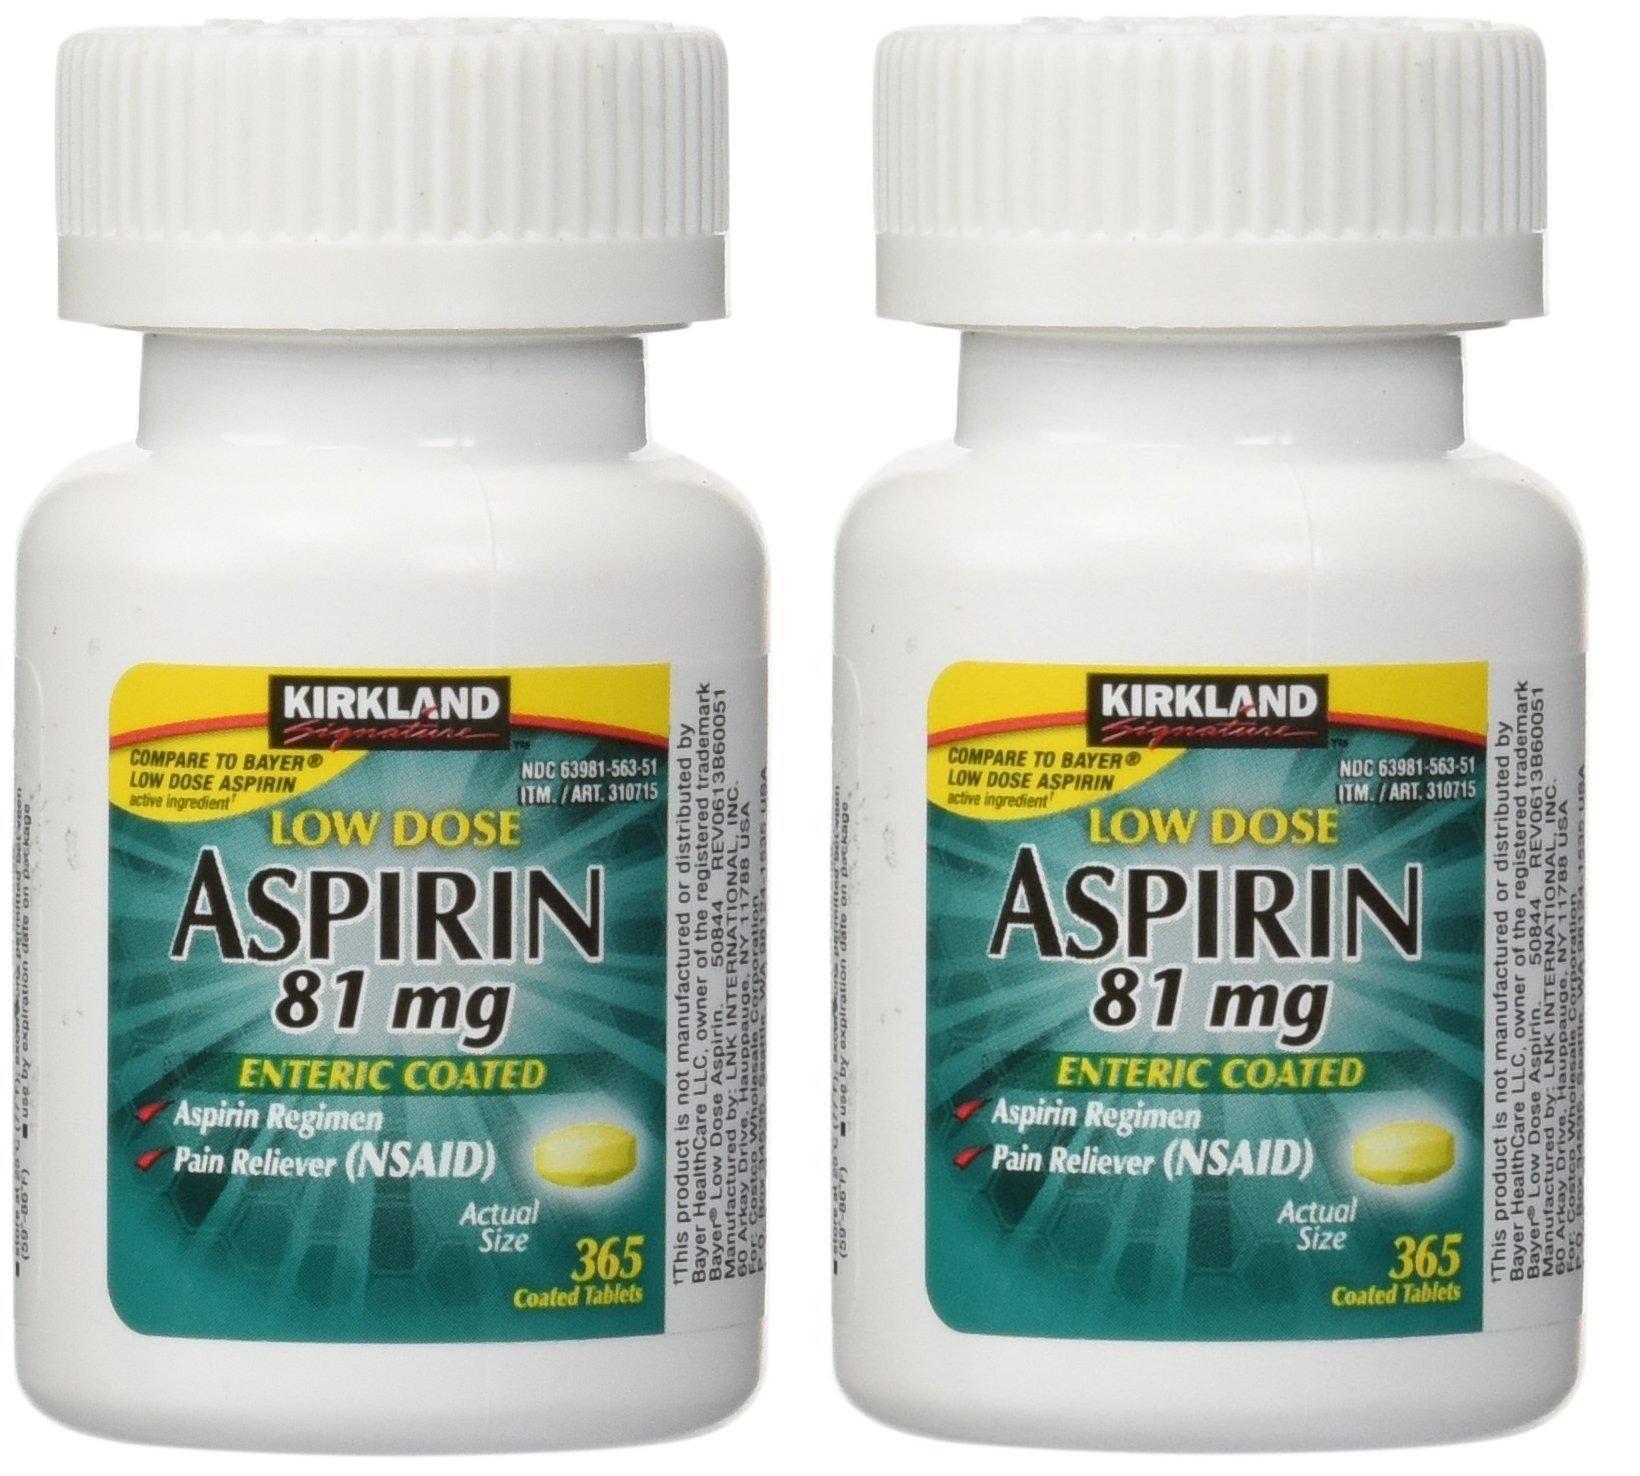 Kirkland Low Dose Aspirin 81 Milligram 365 Enteric Coated Tablets, 2 Pack